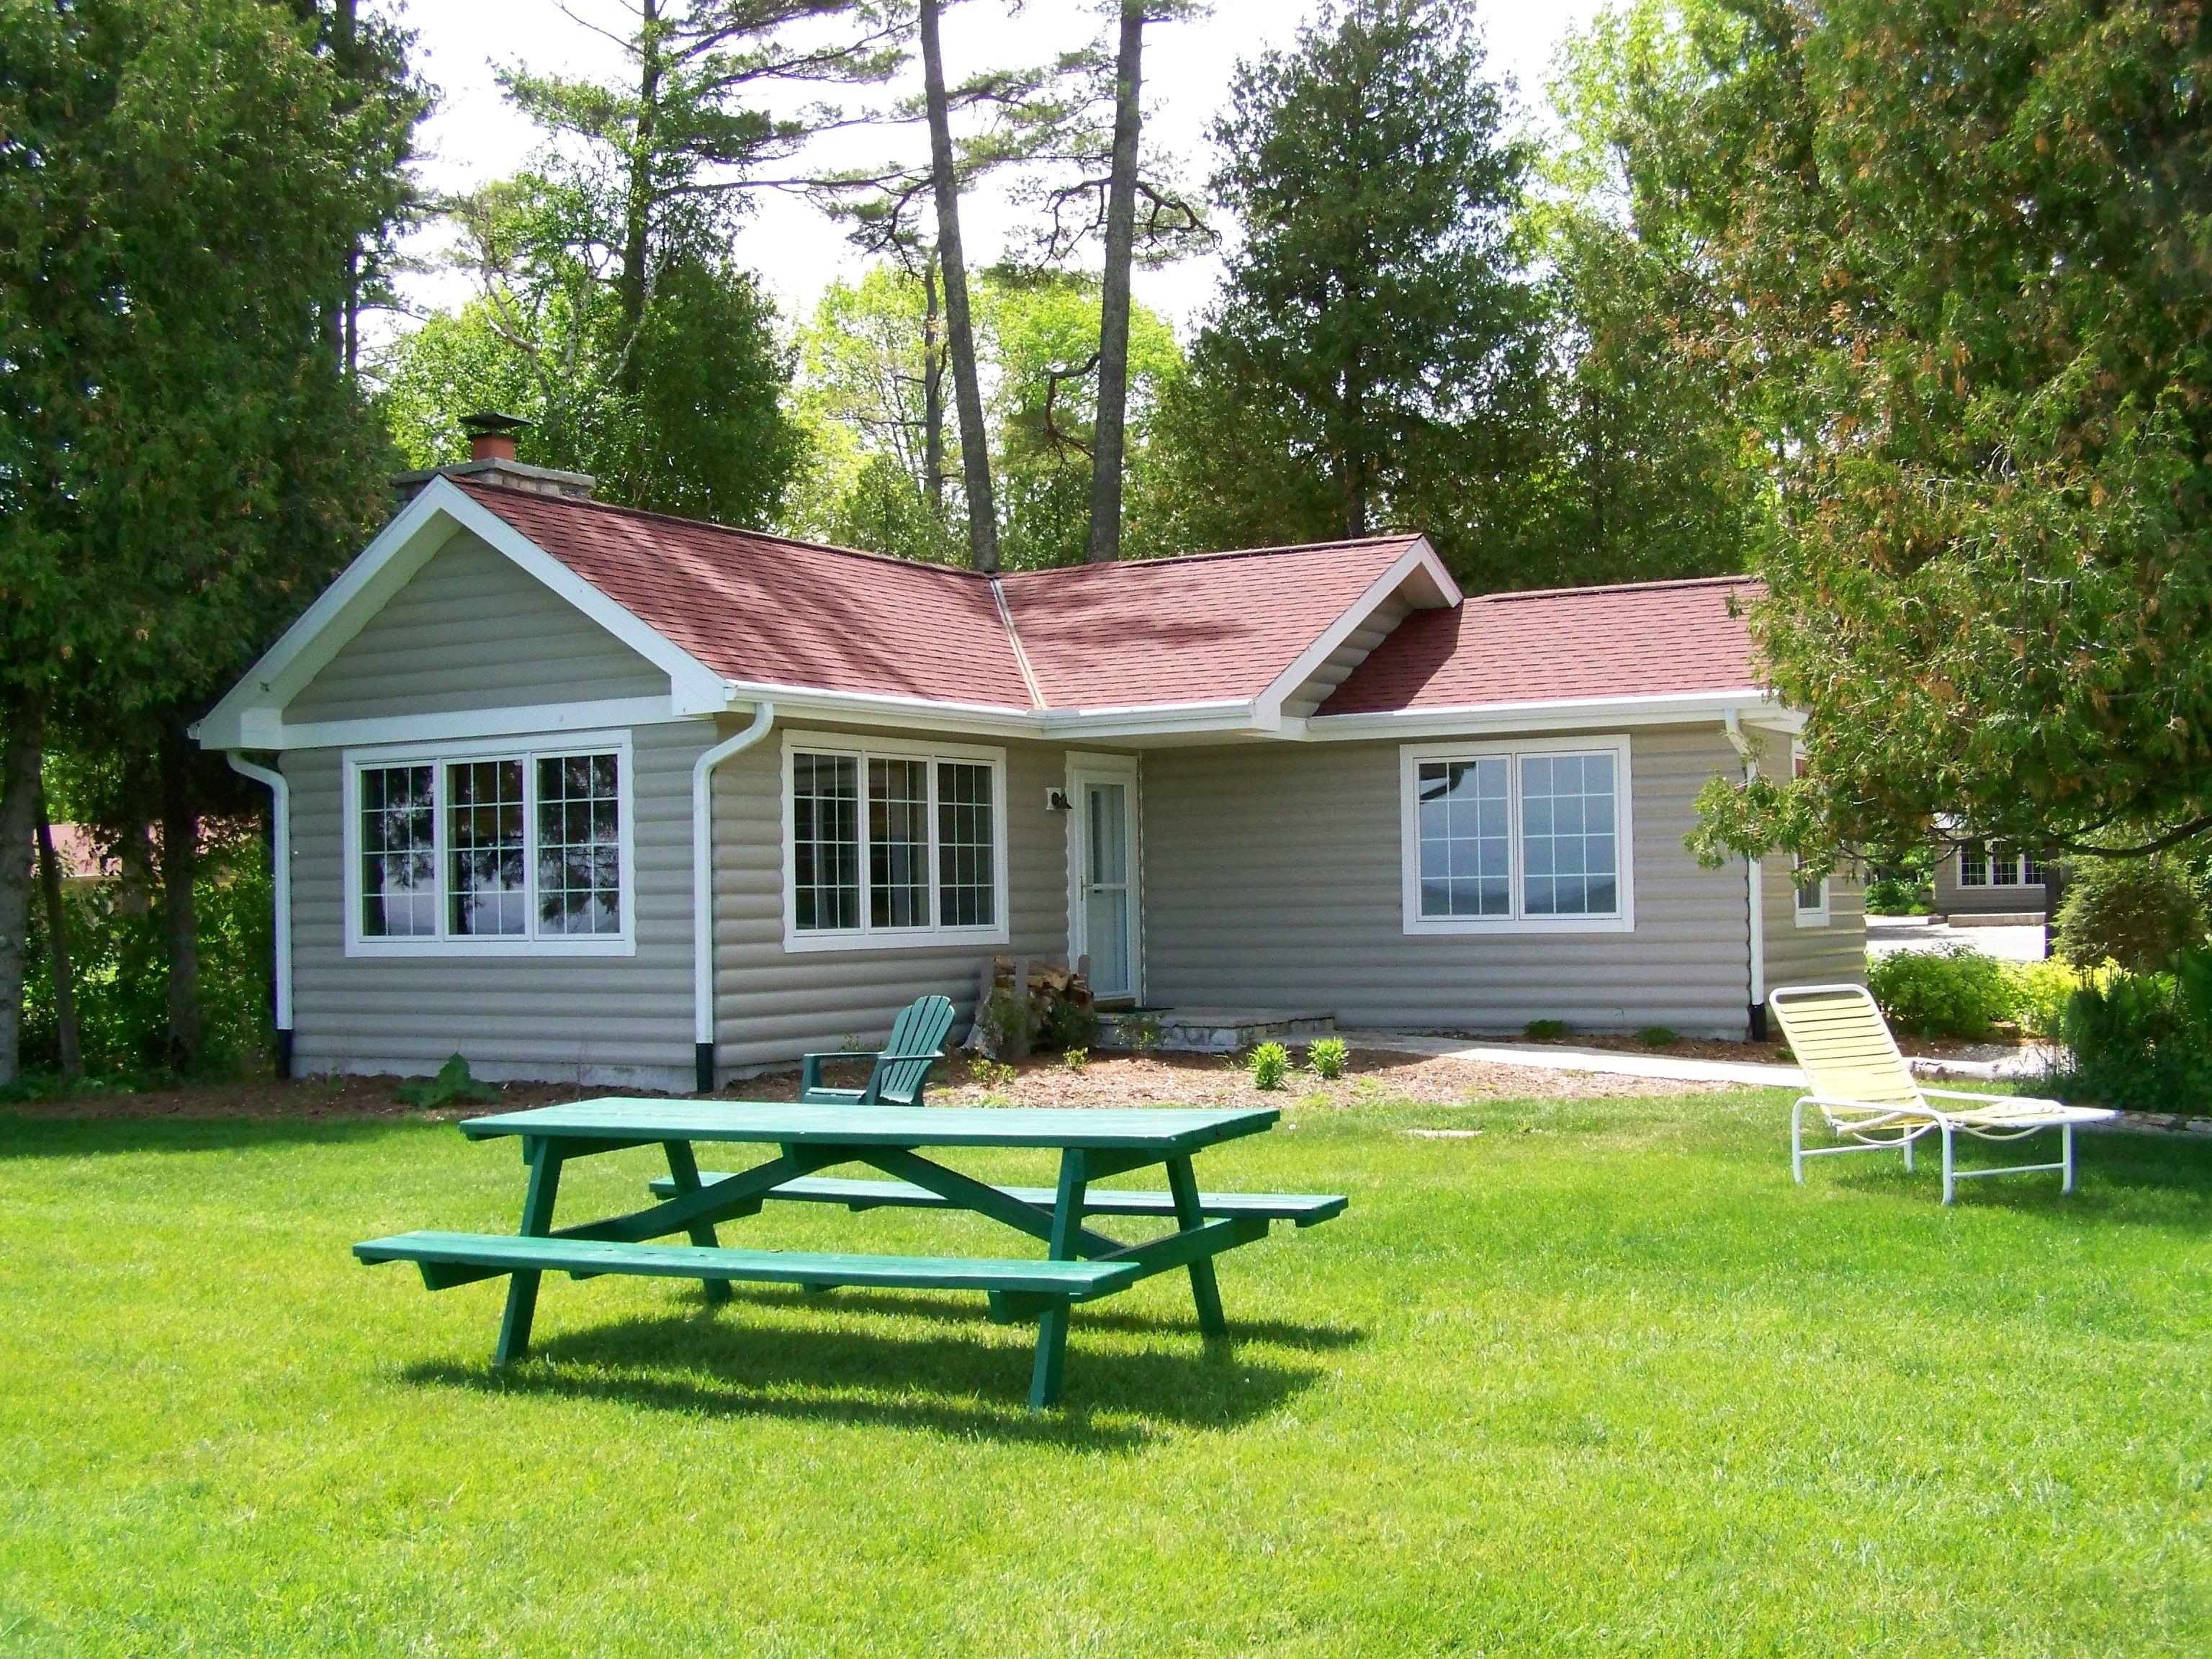 Beautiful Cabin - #2 Aspen - Gordon Lodge in Door County Wisconsin 920- & Beautiful Cabin - #2 Aspen - Gordon Lodge in Door County ... pezcame.com